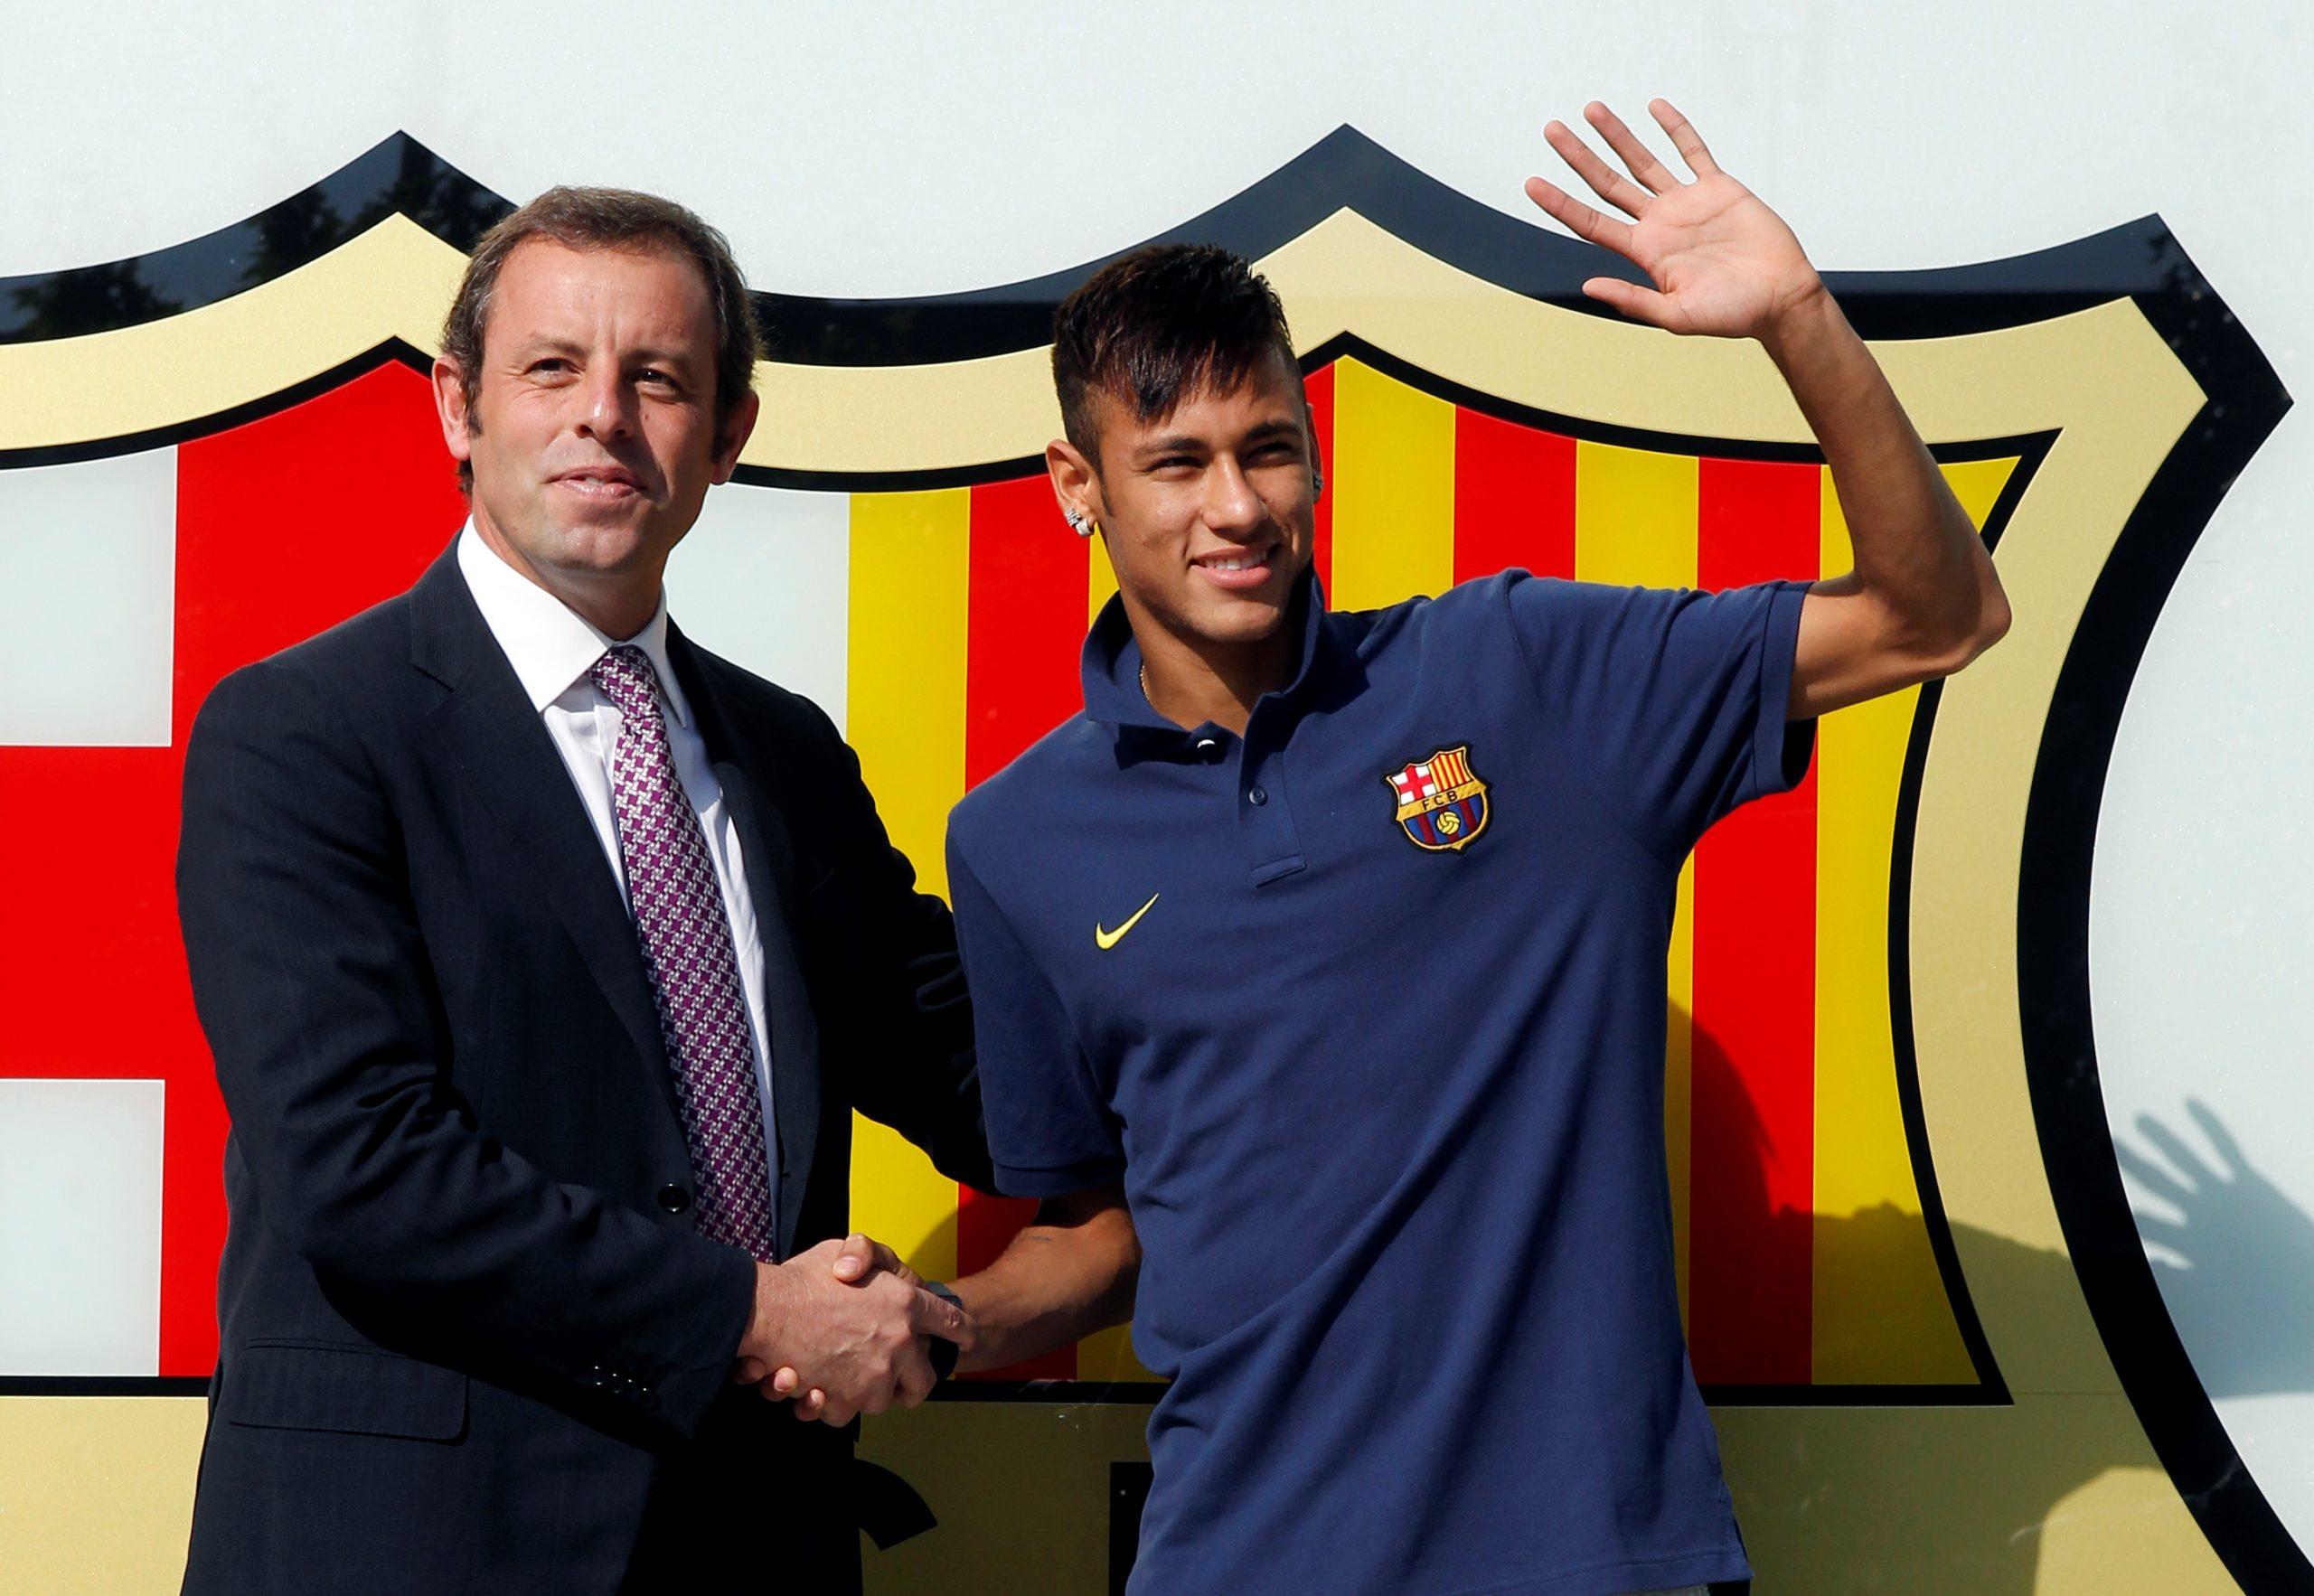 Sandor Rosell i Neyamar 2013. godine nakon potpisa ugovora za Barcelonu/Foto REUTERS